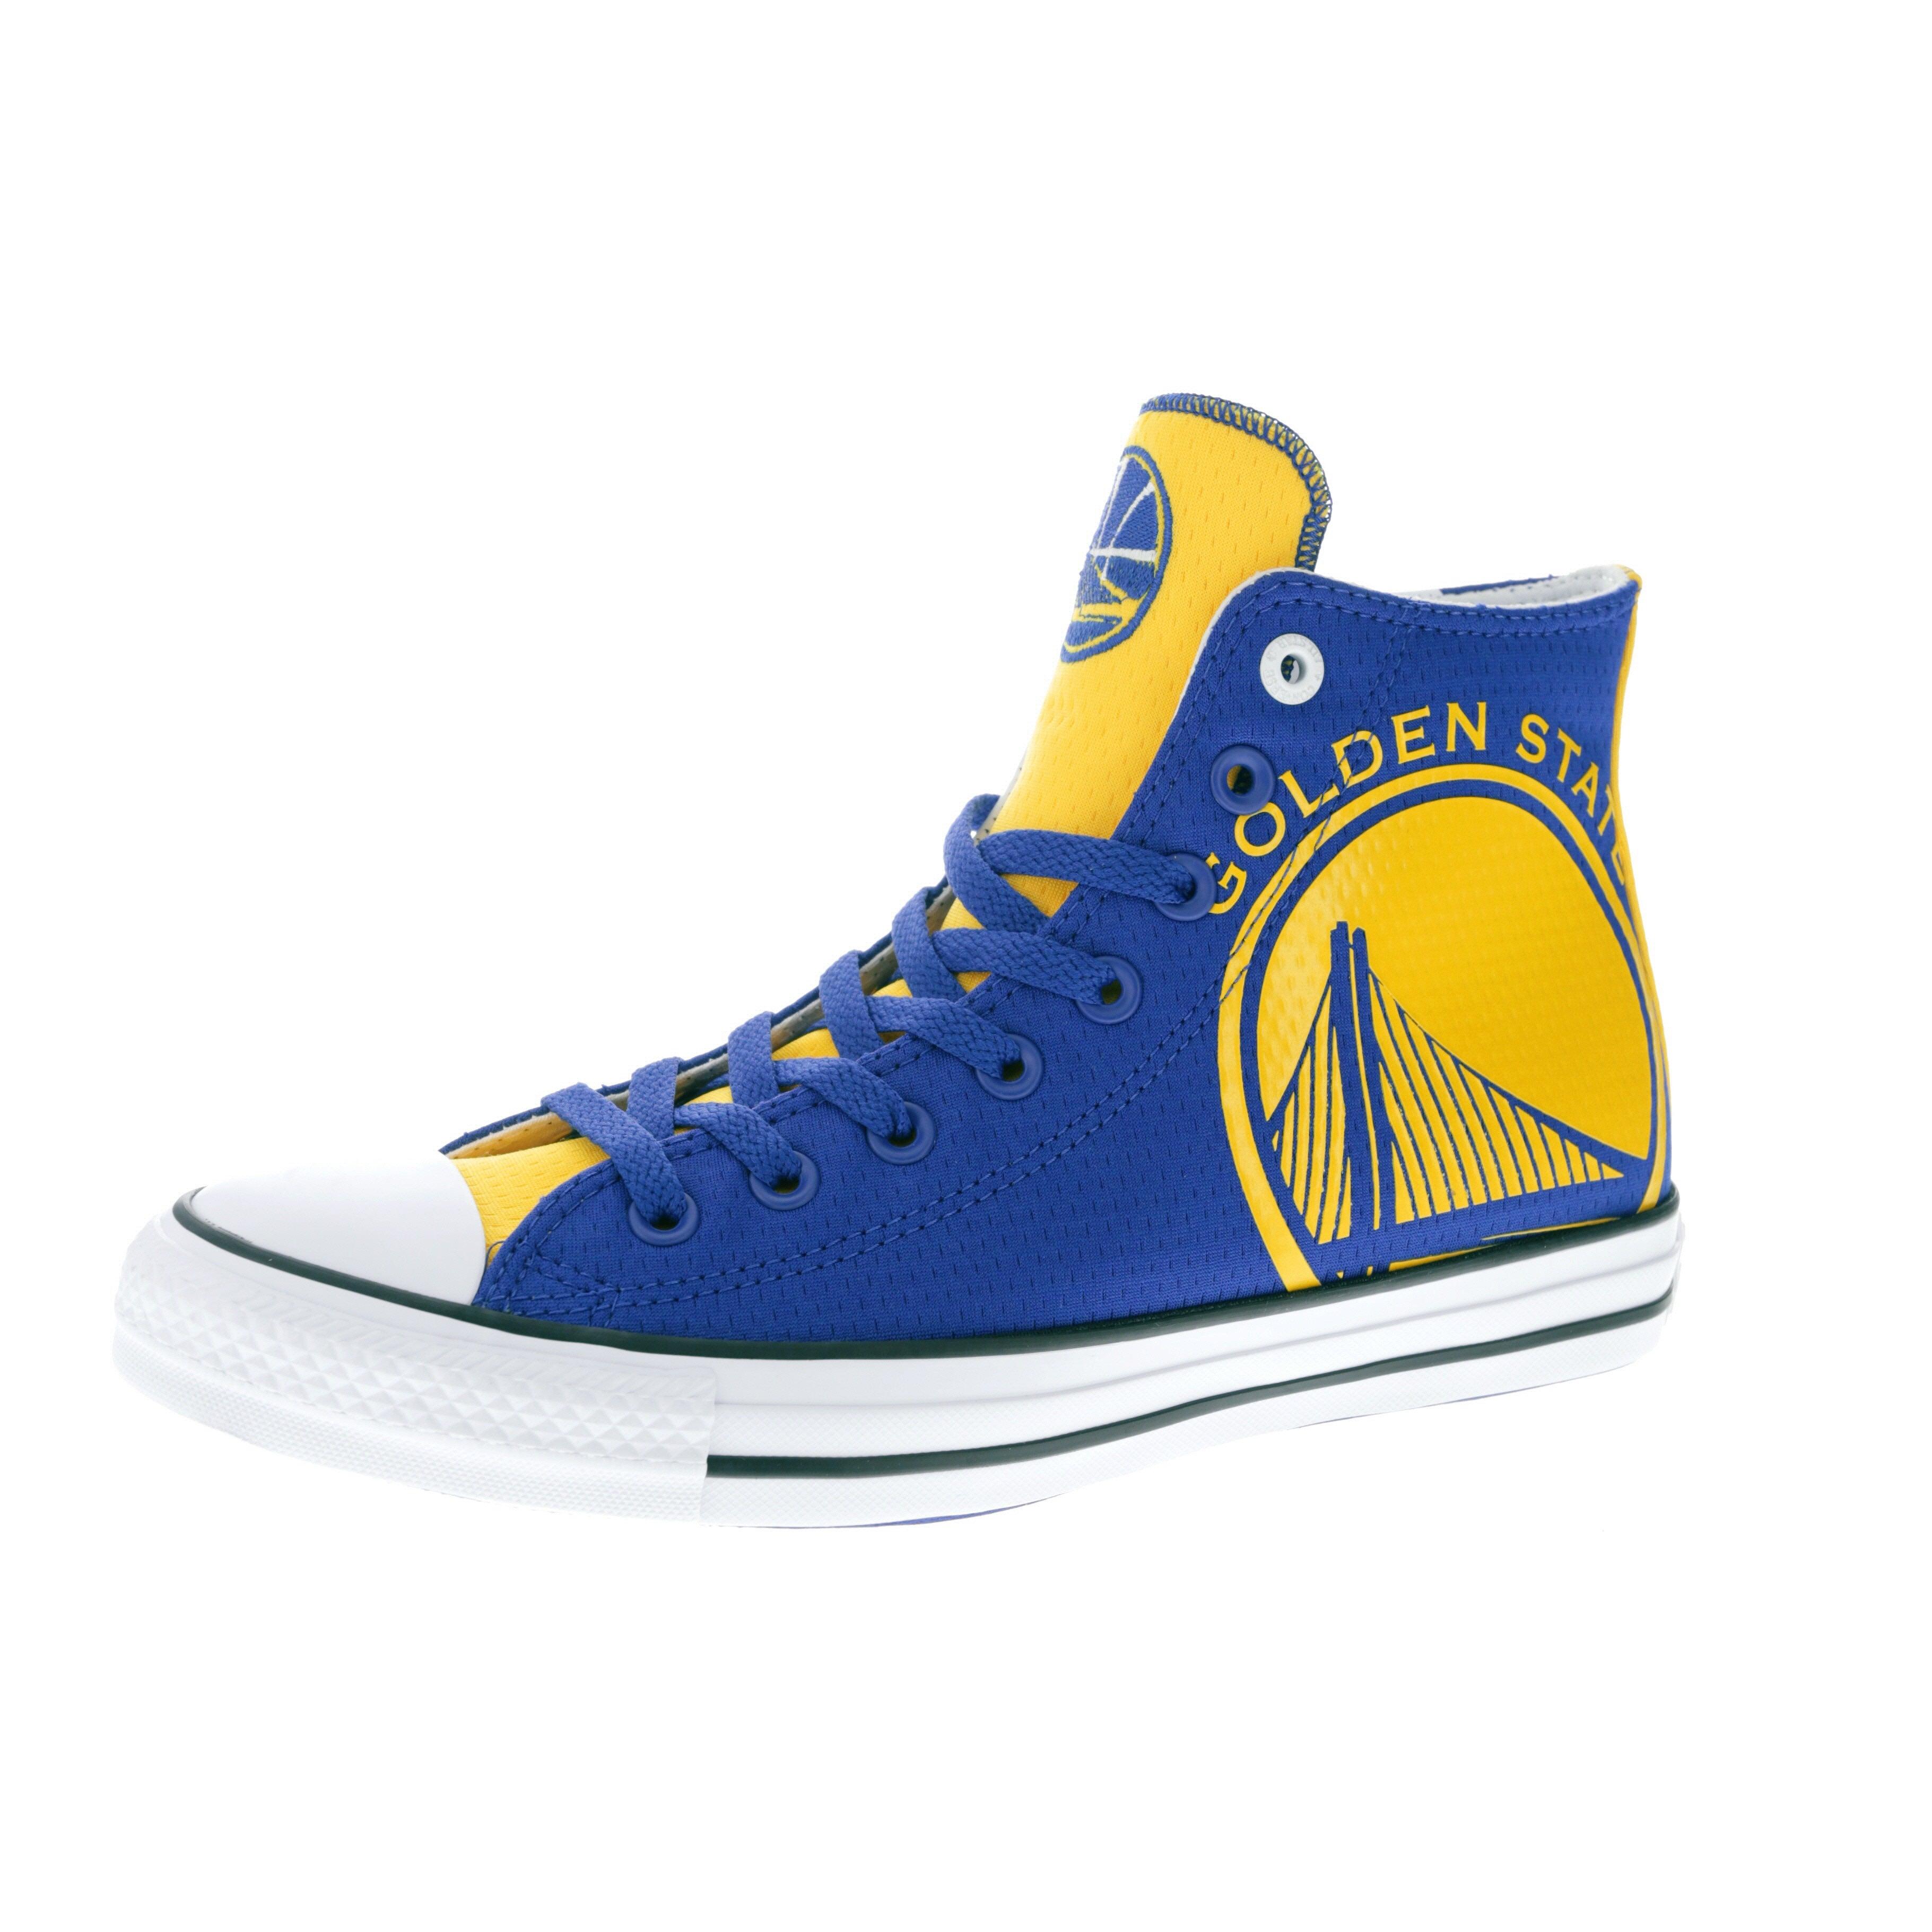 Converse X NBA Chuck Taylor All Star Hi Golden State Warriors Blue